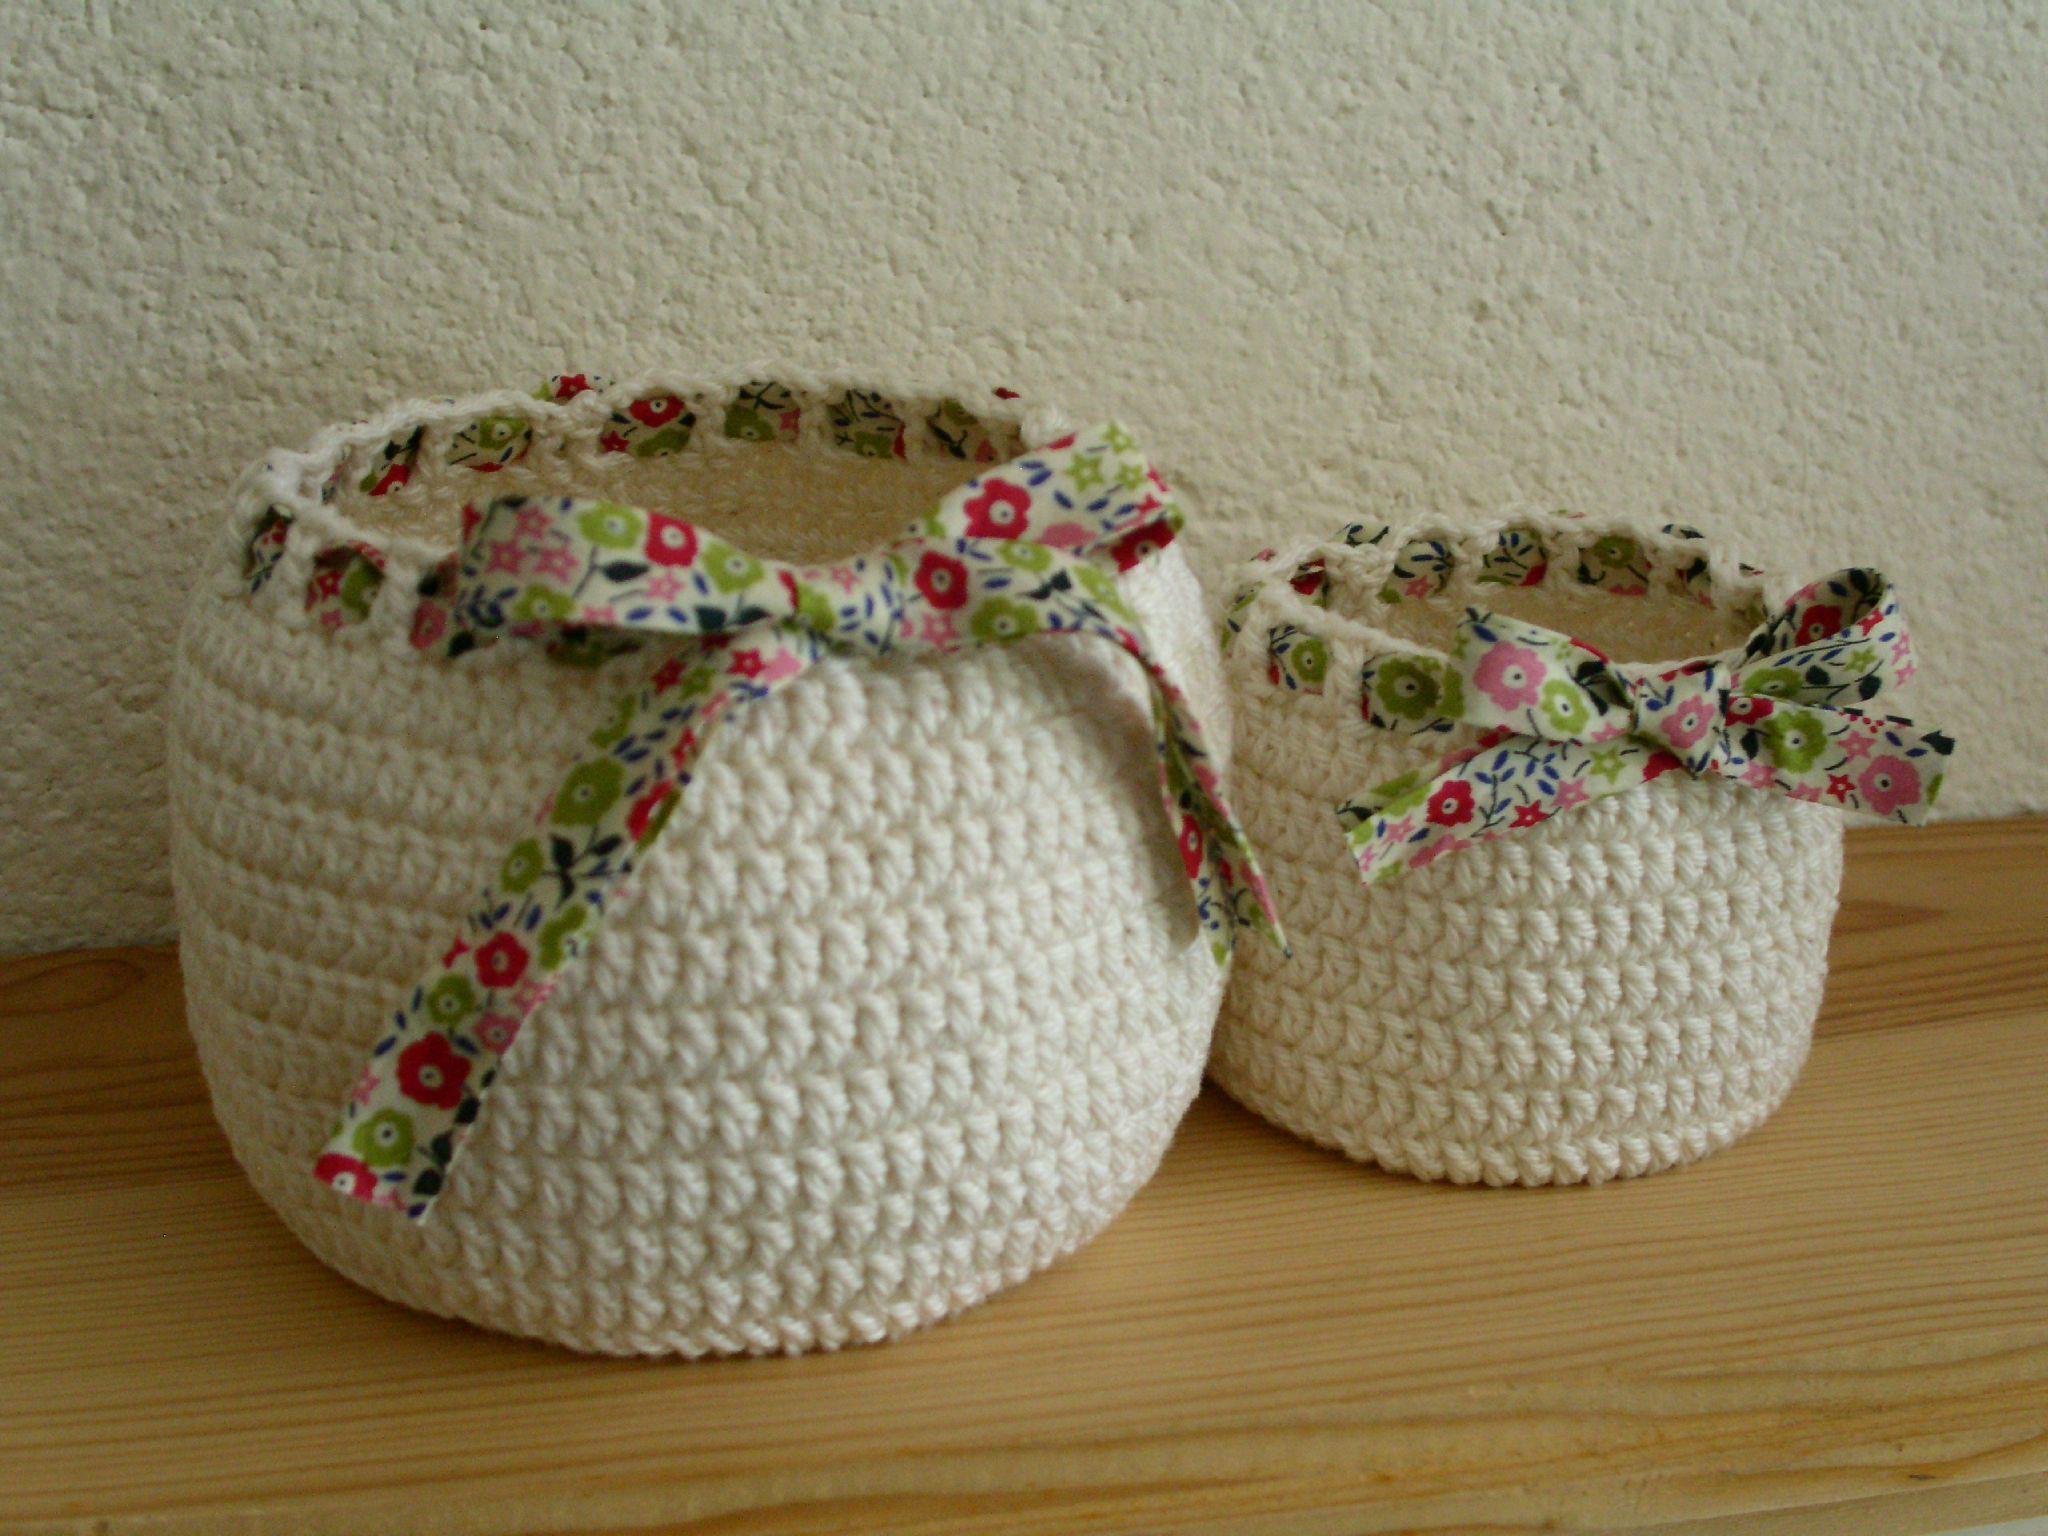 petits paniers au crochet 1 3 n hen pinterest petit panier panier et le crochet. Black Bedroom Furniture Sets. Home Design Ideas